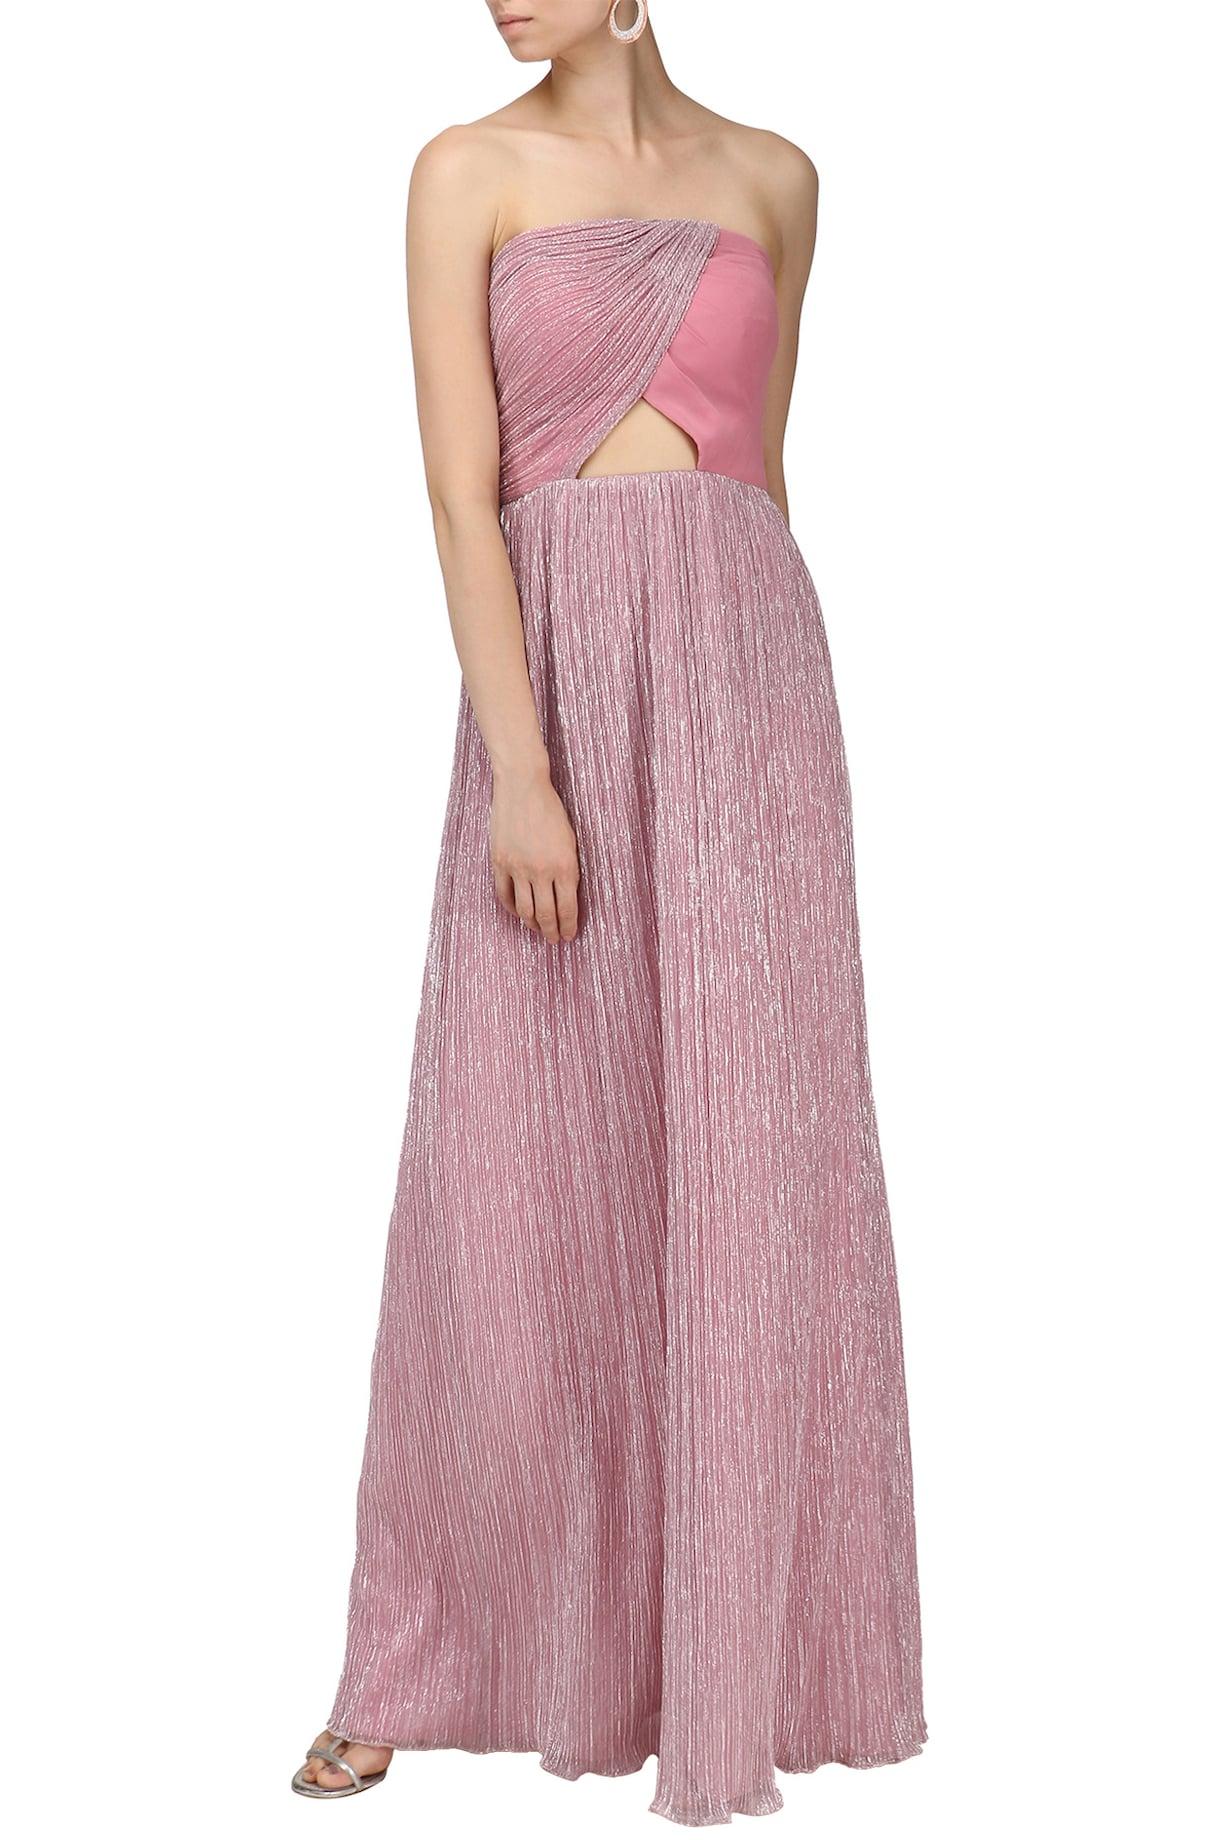 Ritika Bharwani Gowns